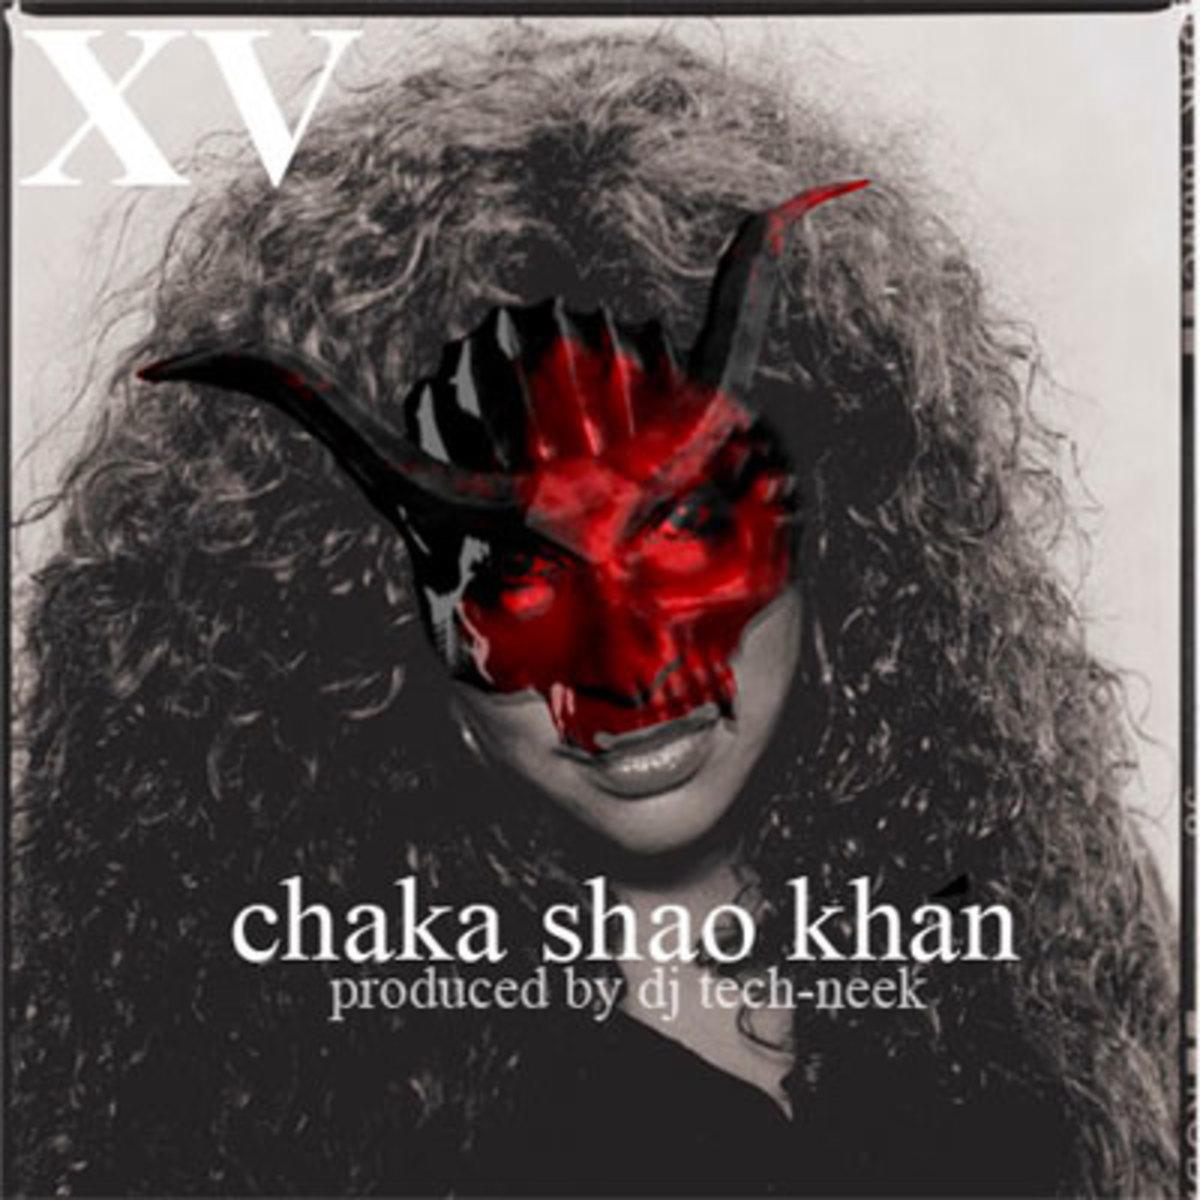 xv-shakashoa.jpg